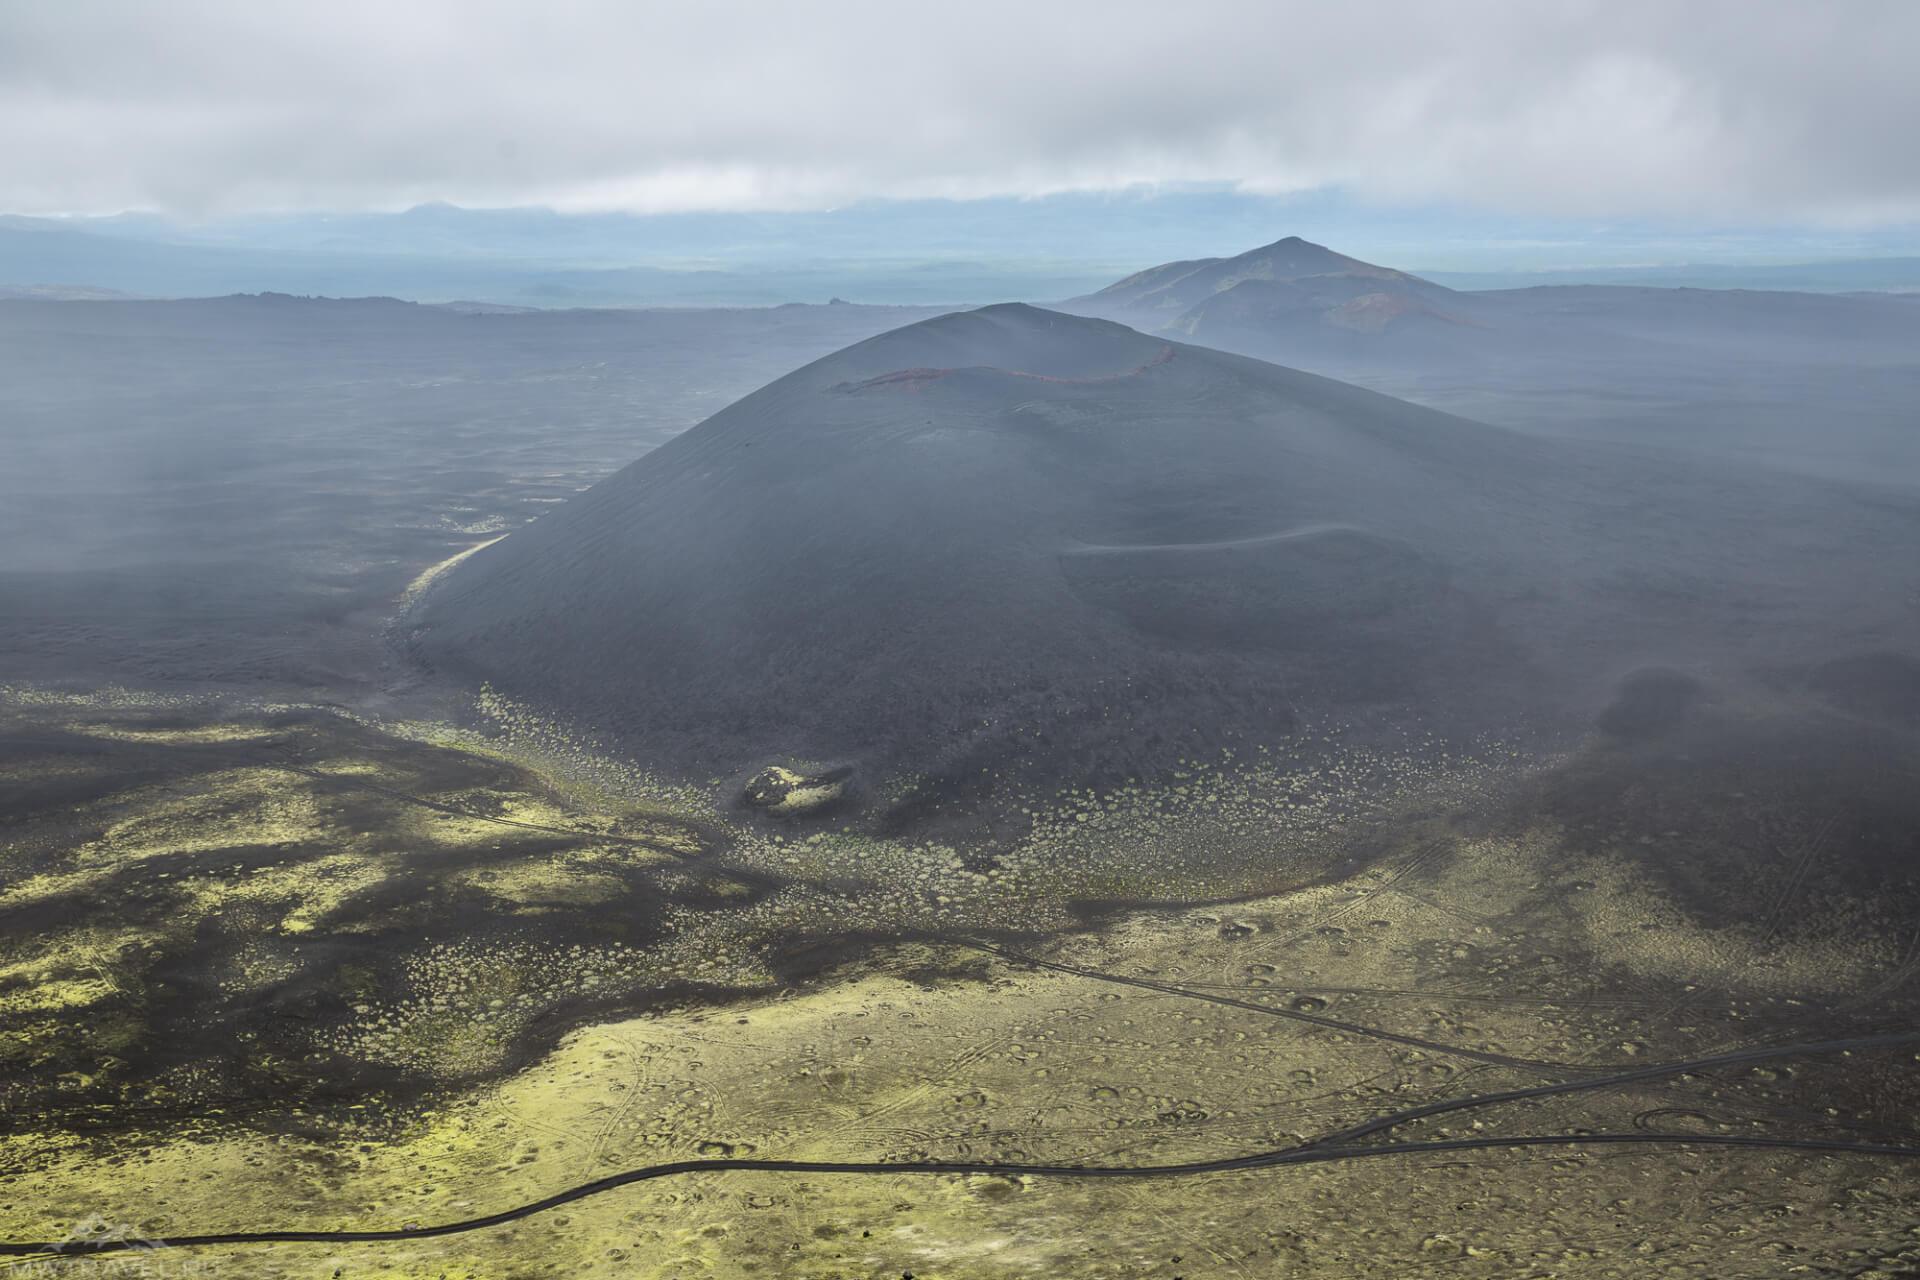 камчатка вид на вулканические конуса